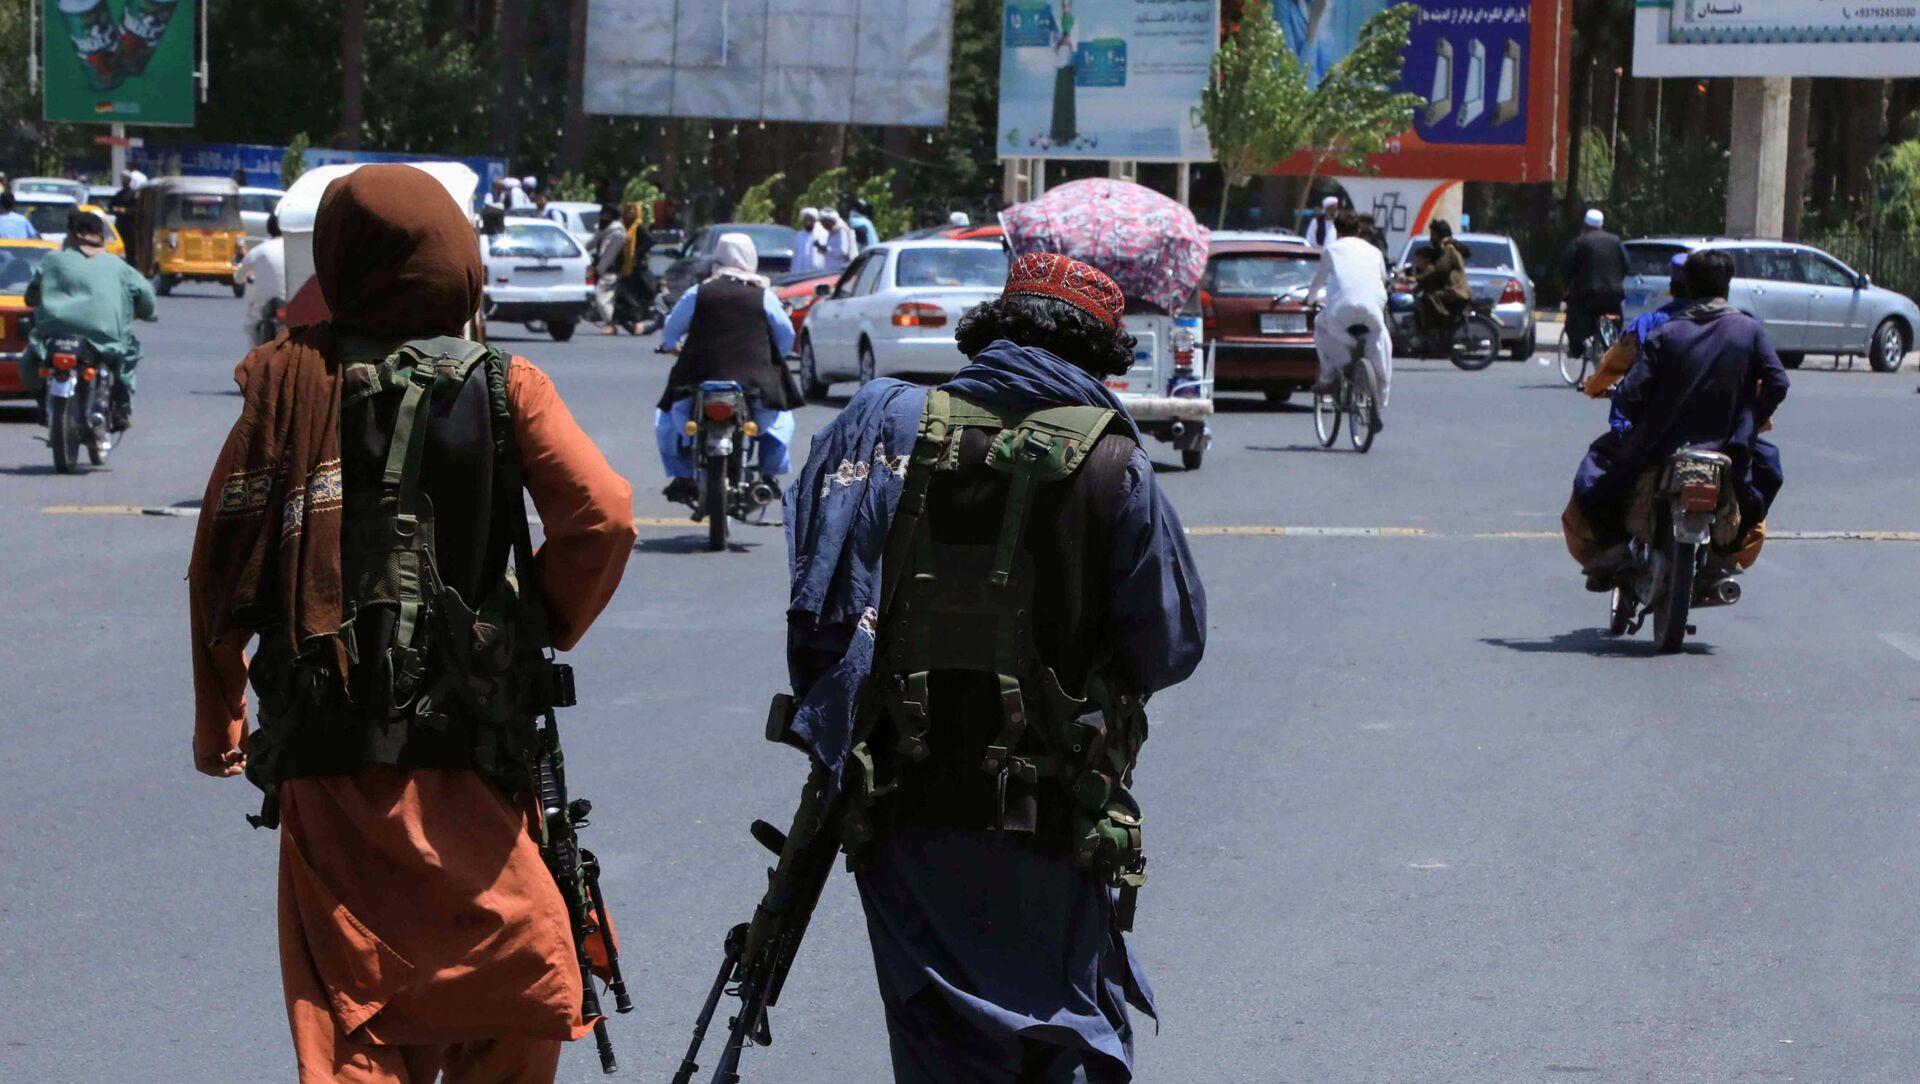 Боевики движения Талибан (террористическая группировка, запрещенная в РФ) в Афганистане, фото аз архива - Sputnik Азербайджан, 1920, 16.08.2021